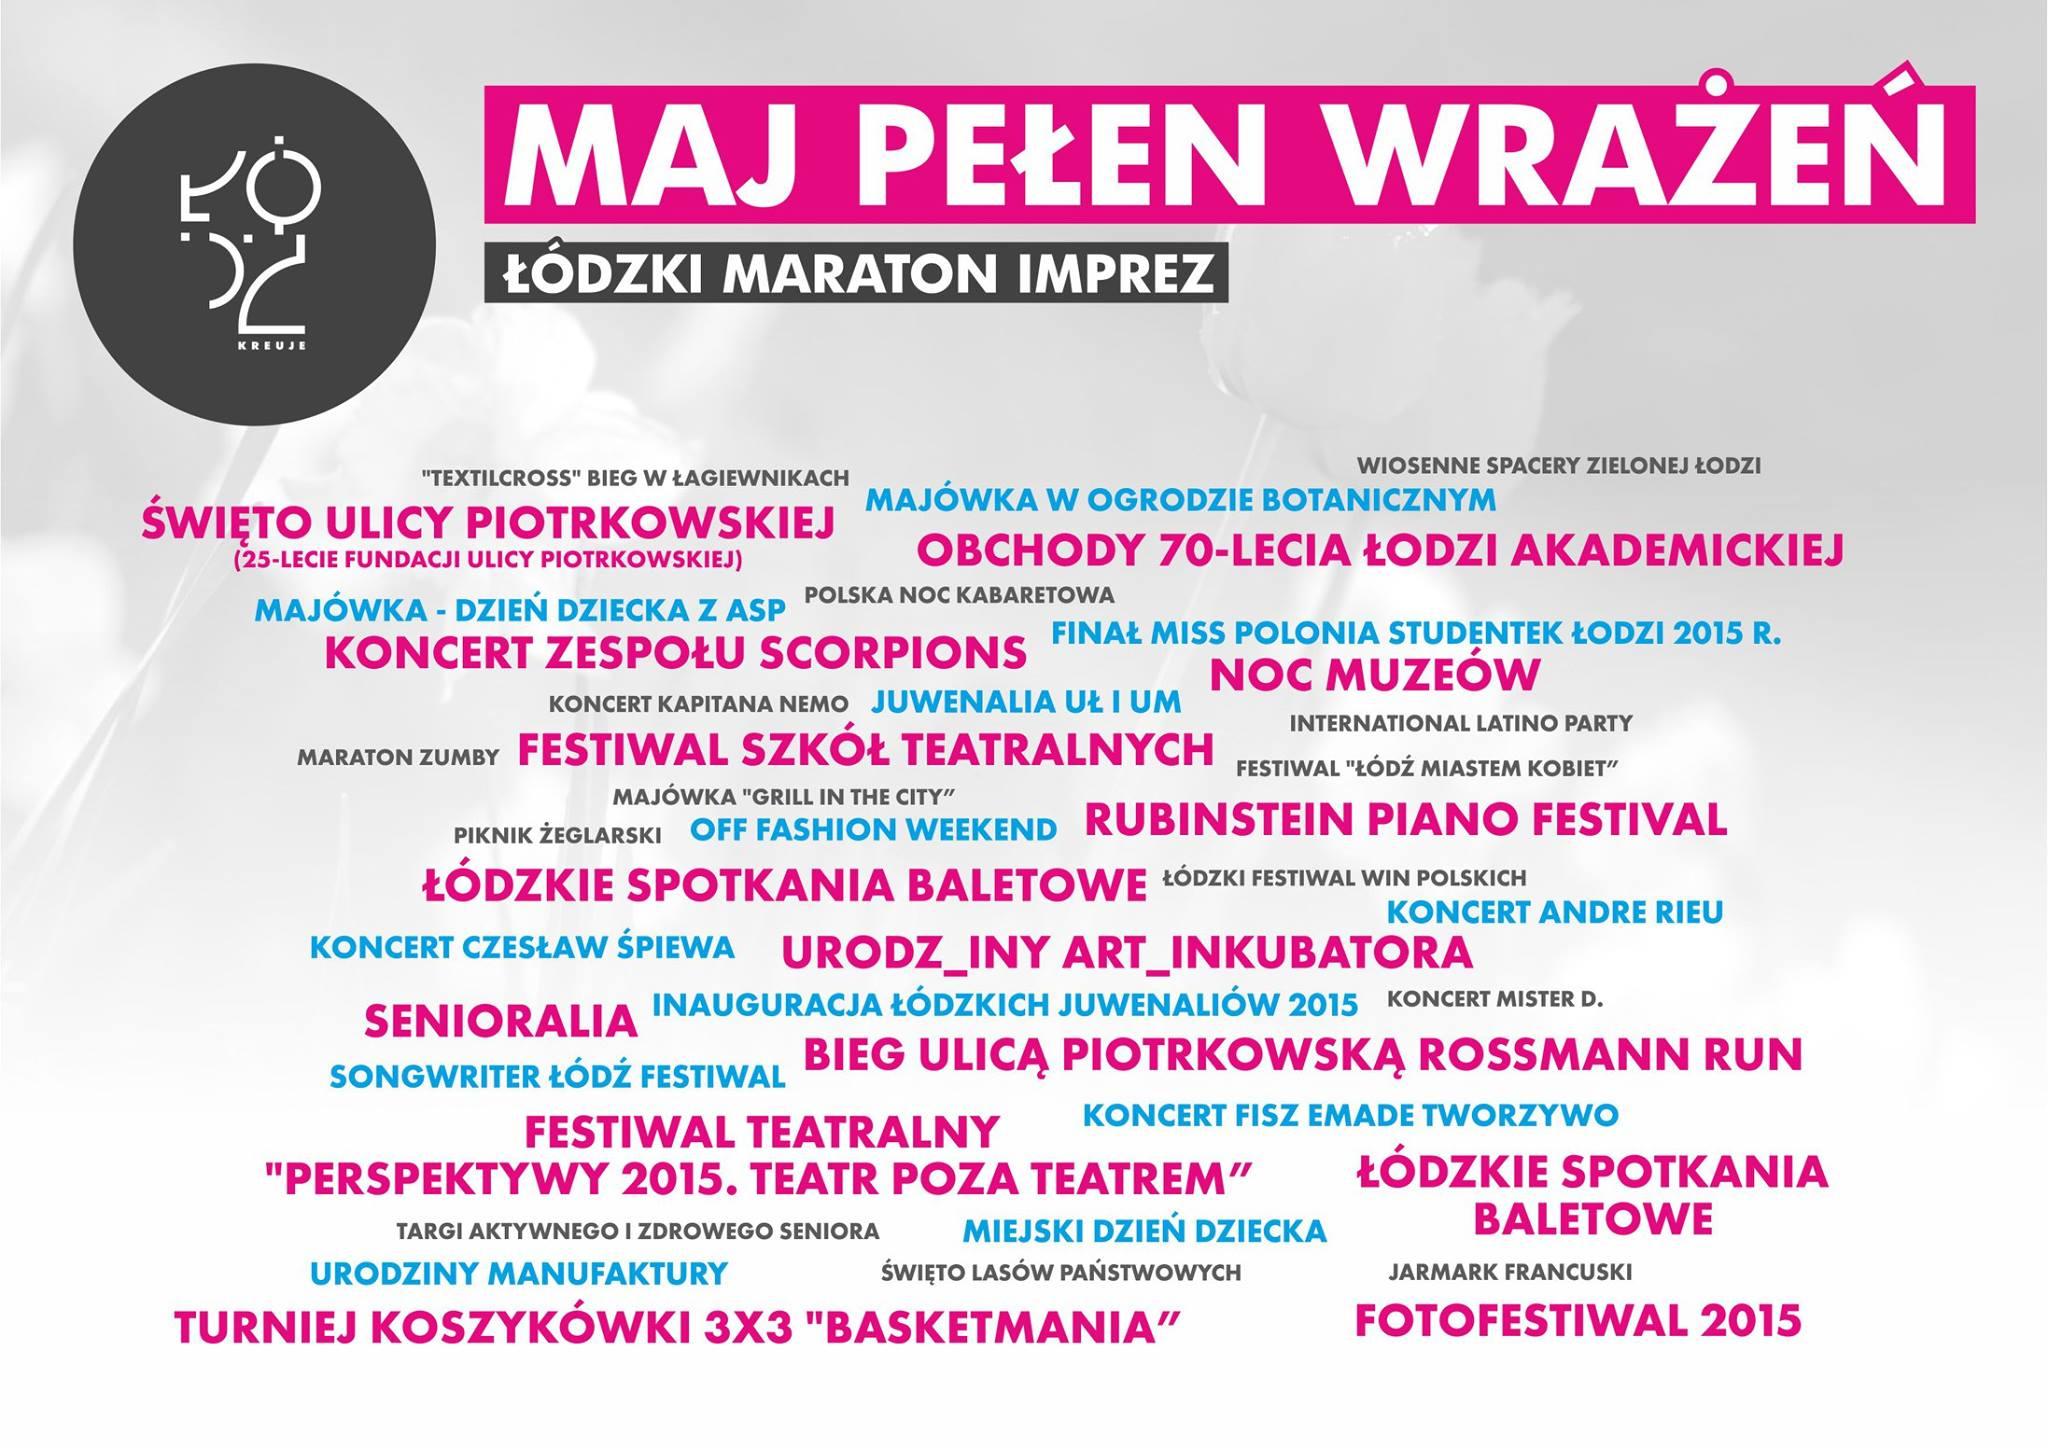 Łódzkie wydarzenia - maj 2015, fot. Urząd Miasta Łodzi